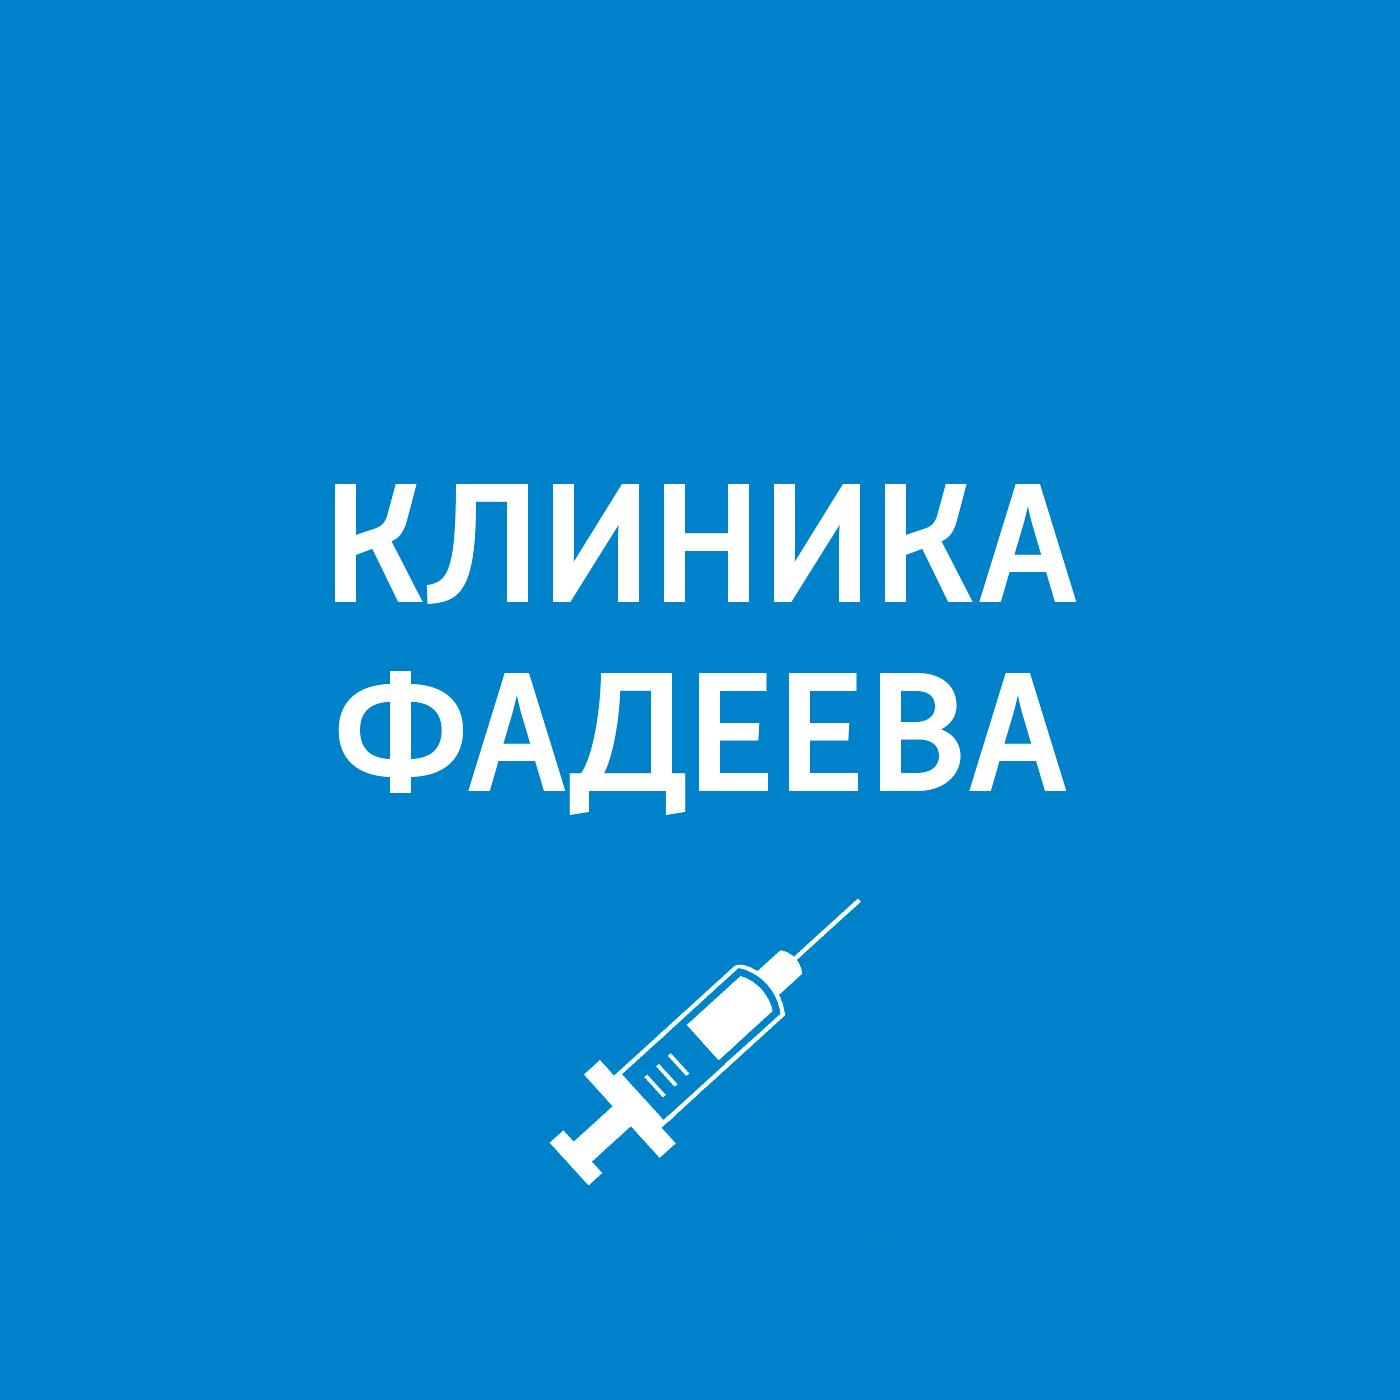 Фото - Пётр Фадеев Врач неотложной помощи пётр фадеев врач неотложной помощи